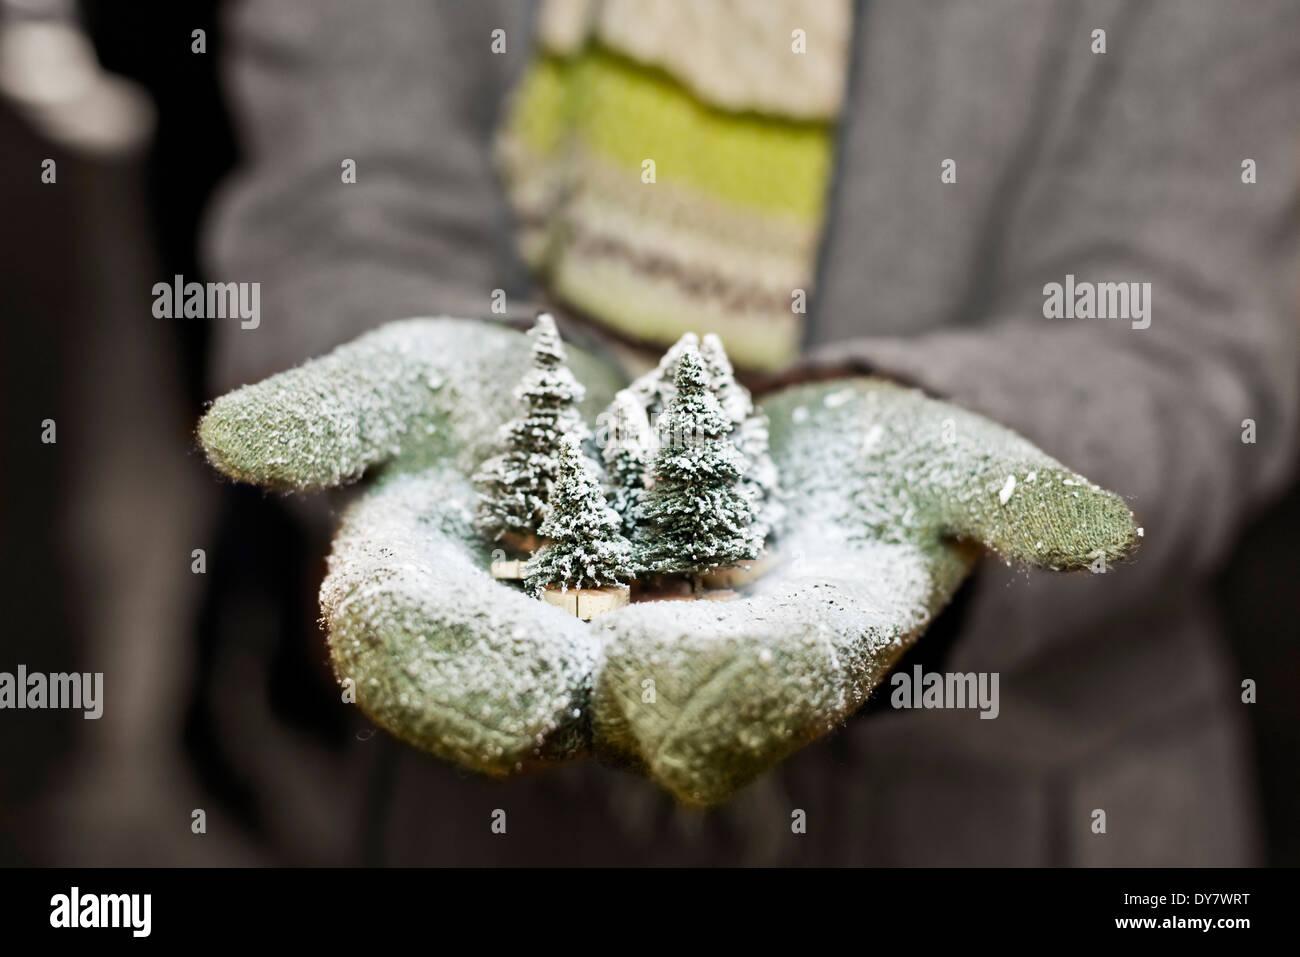 Giovane donna con guanti azienda decorazione di Natale, vista parziale Immagini Stock